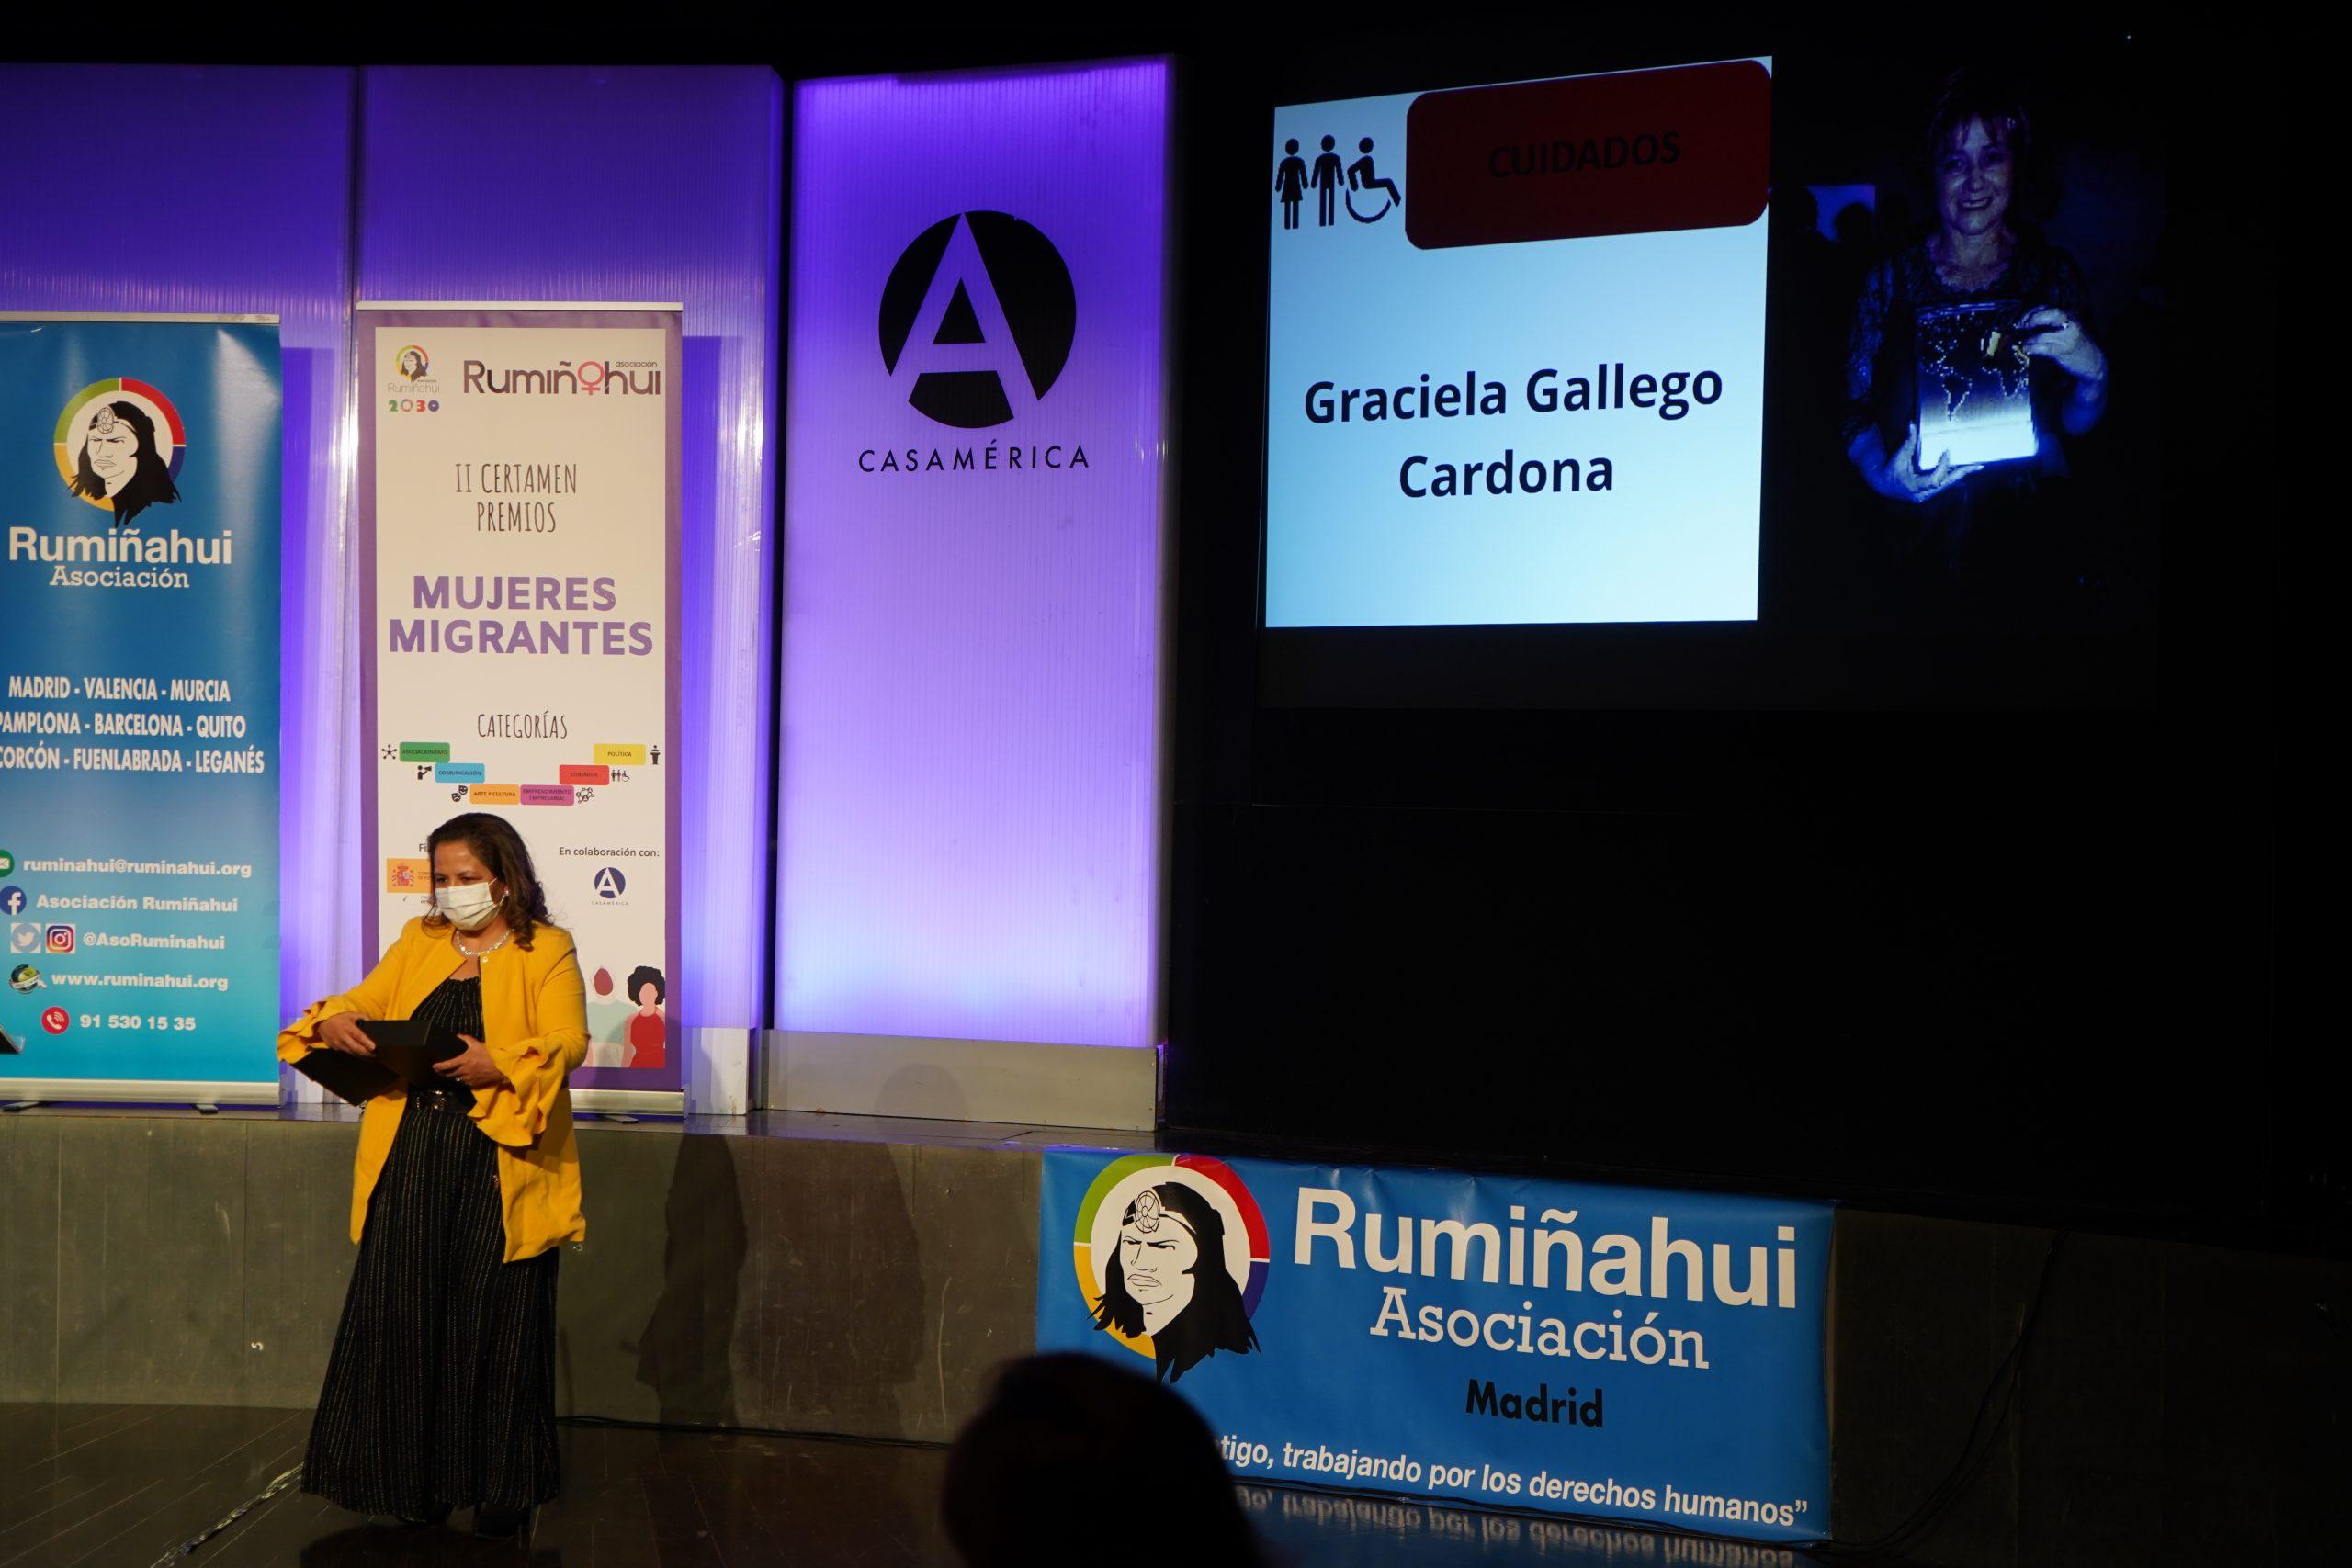 Graciela Gallego